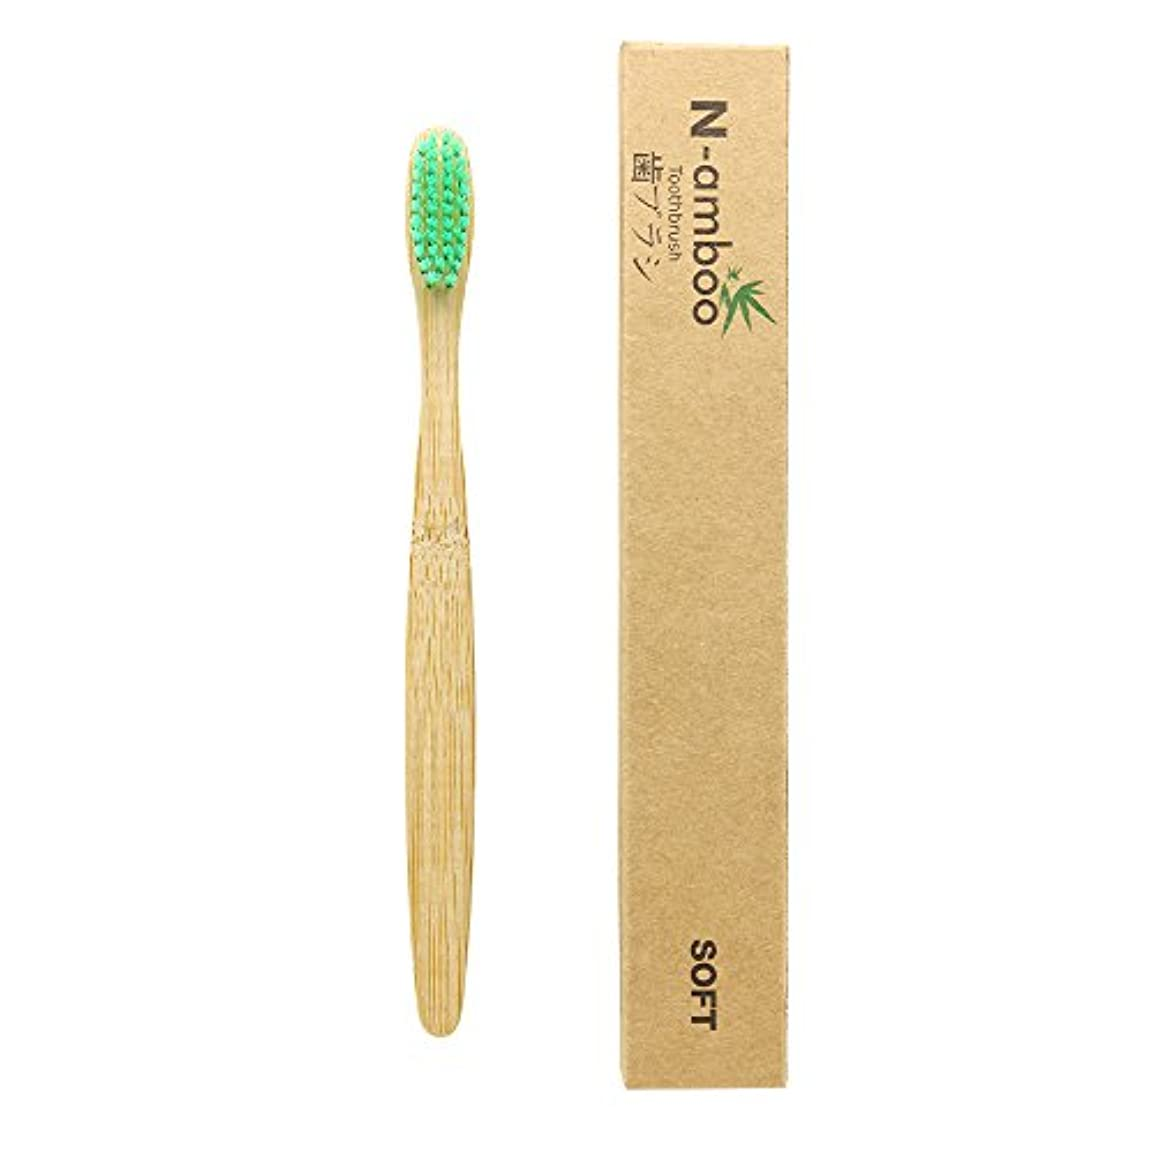 土幾分好奇心N-amboo 歯ブラシ 1本入り 竹製 高耐久性 緑 エコ